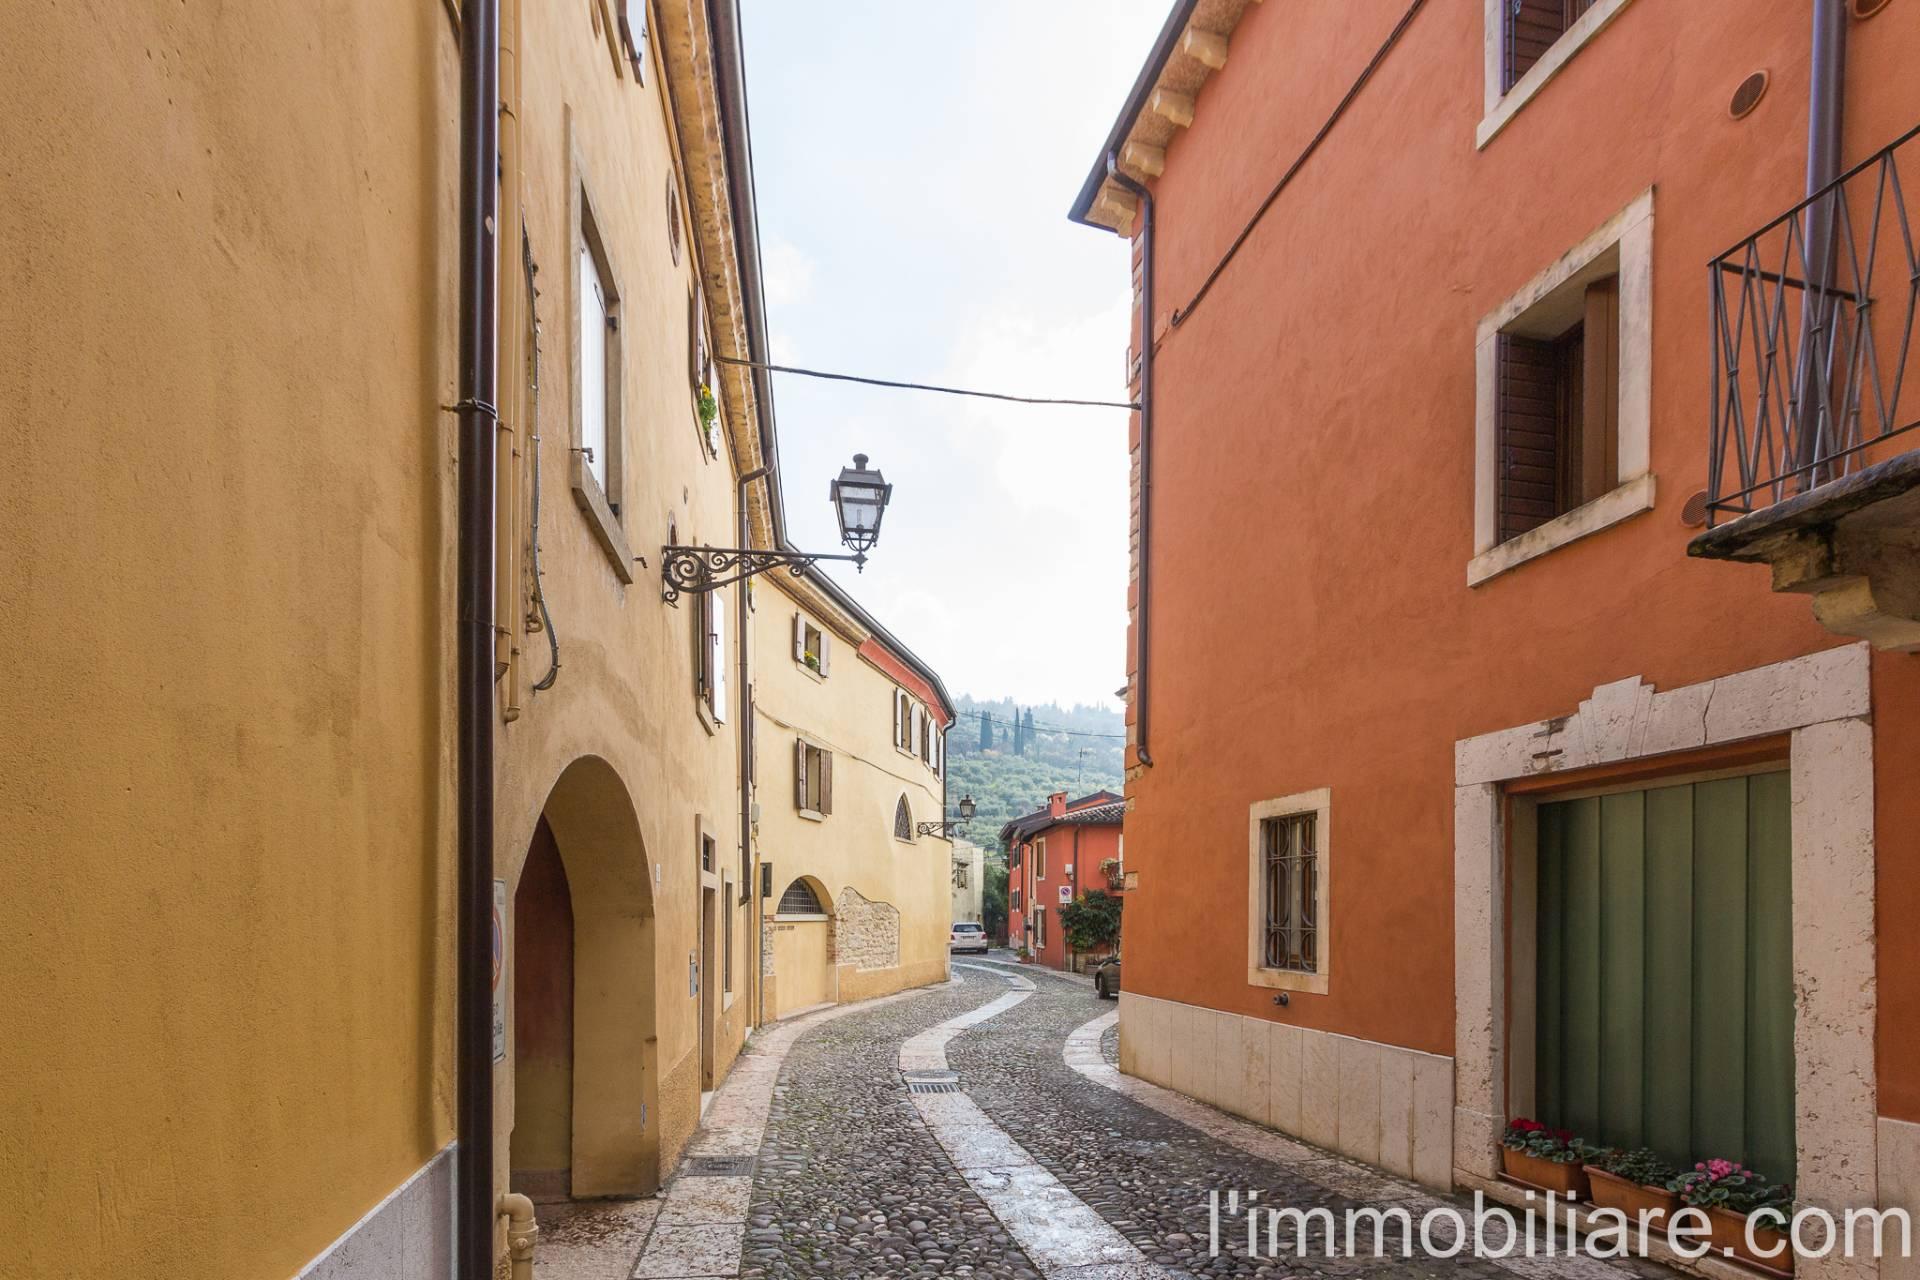 Trilocale a Verona in Vendita